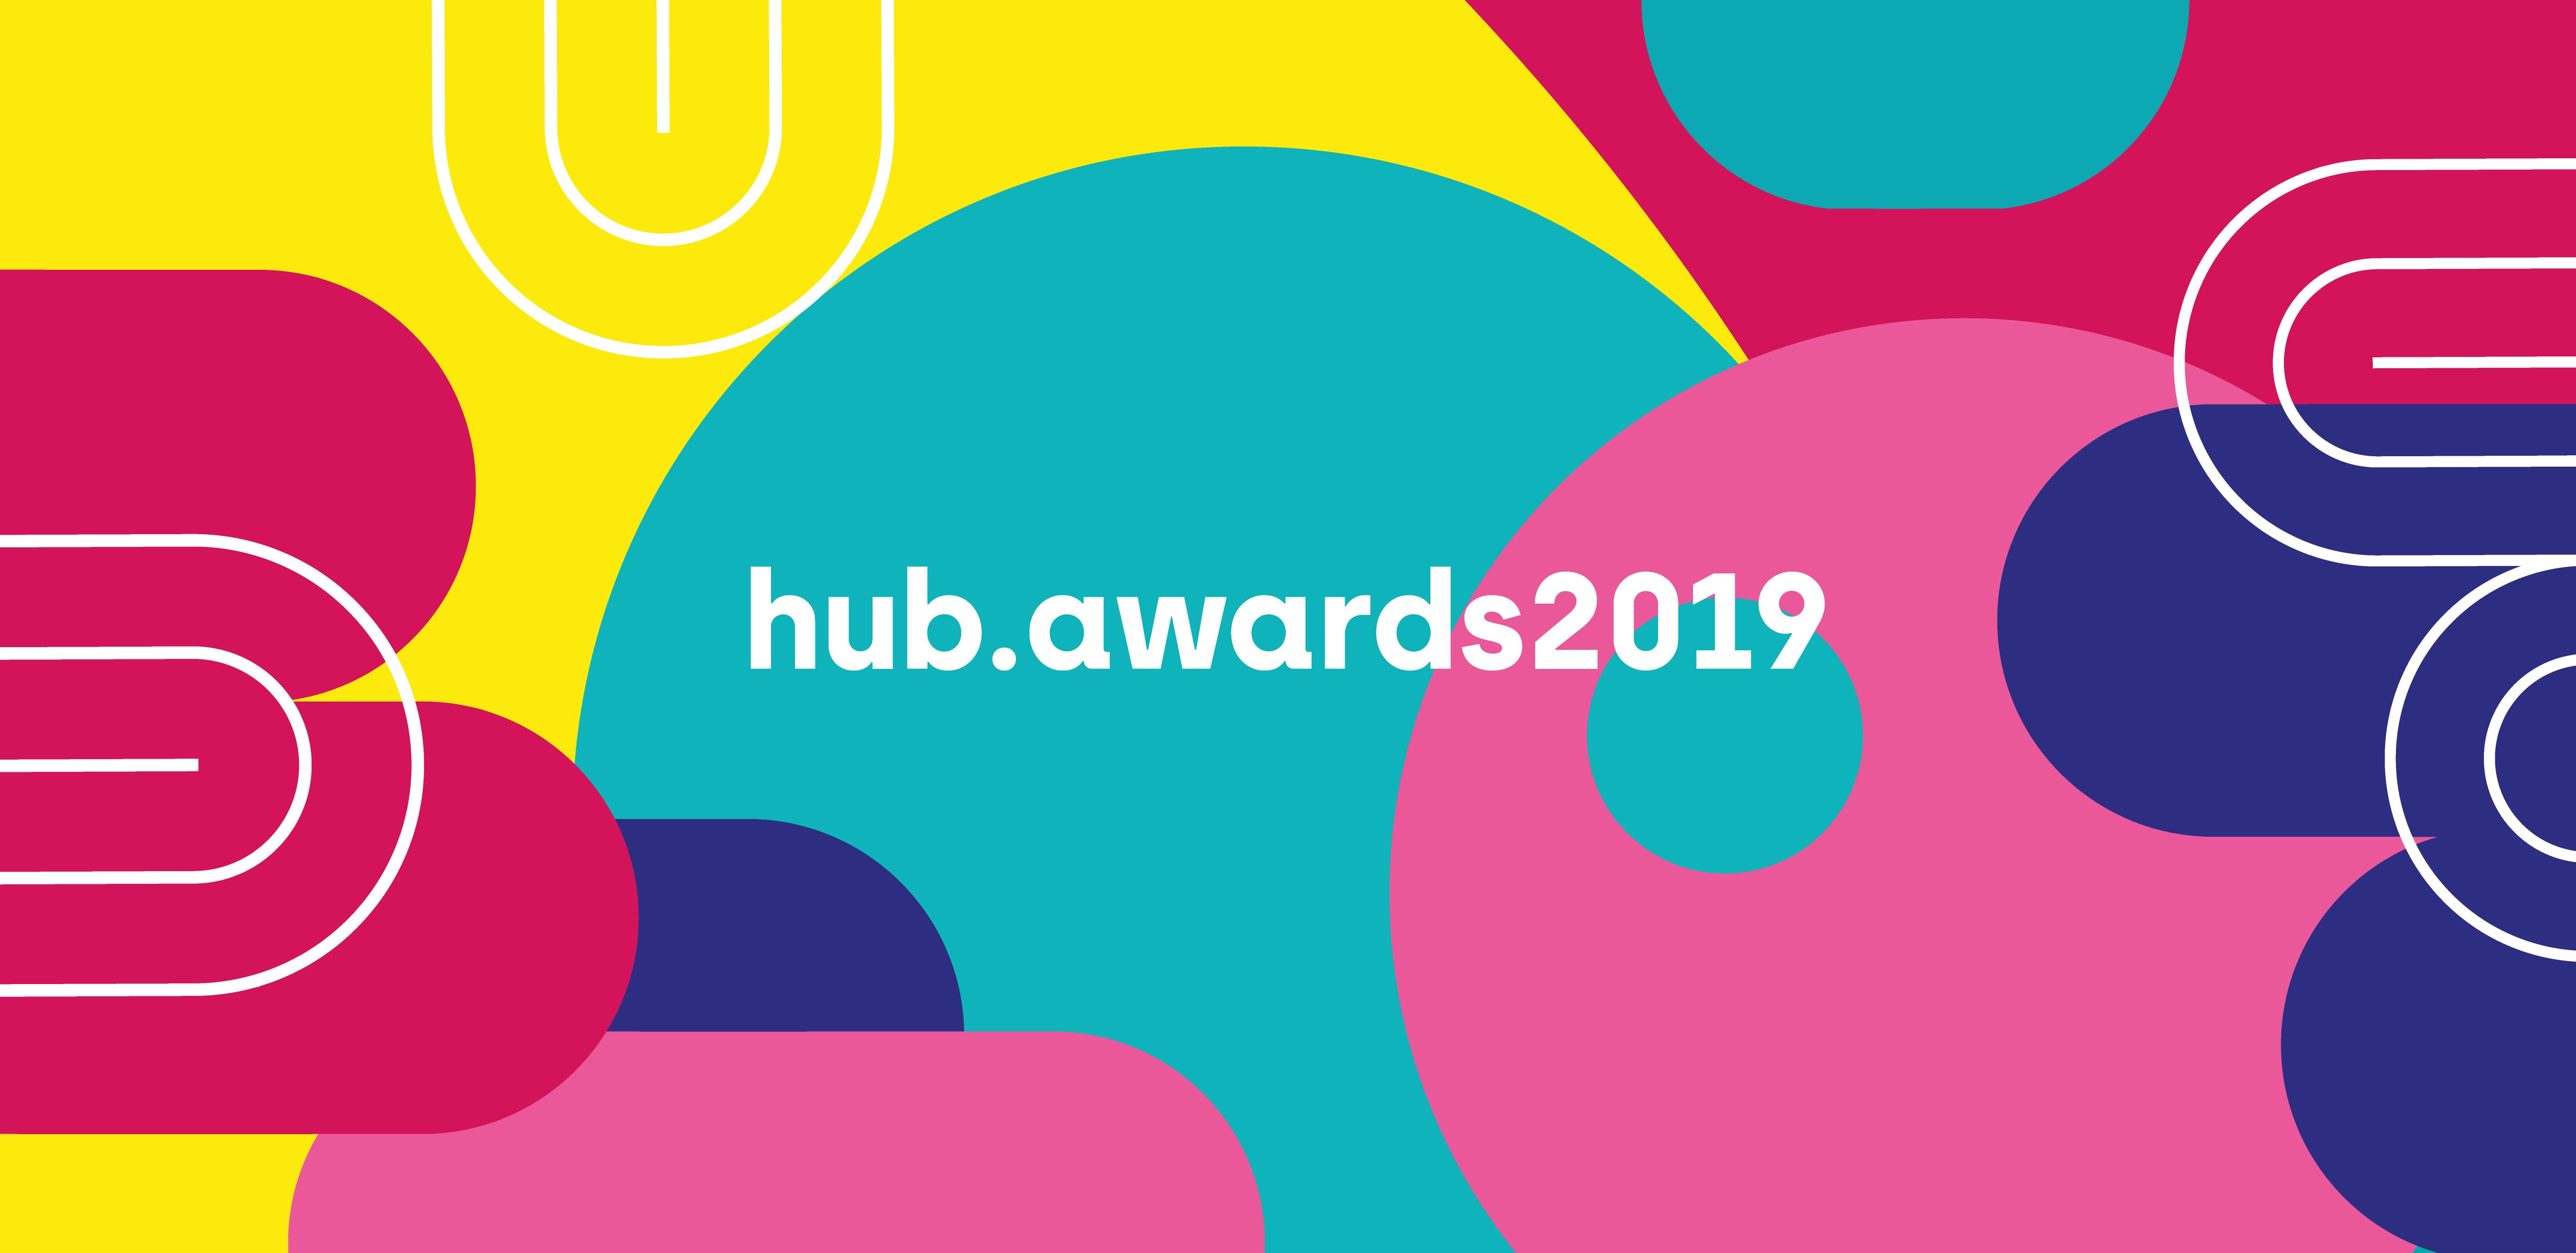 hub.awards2019: ontdek de 15 genomineerden!